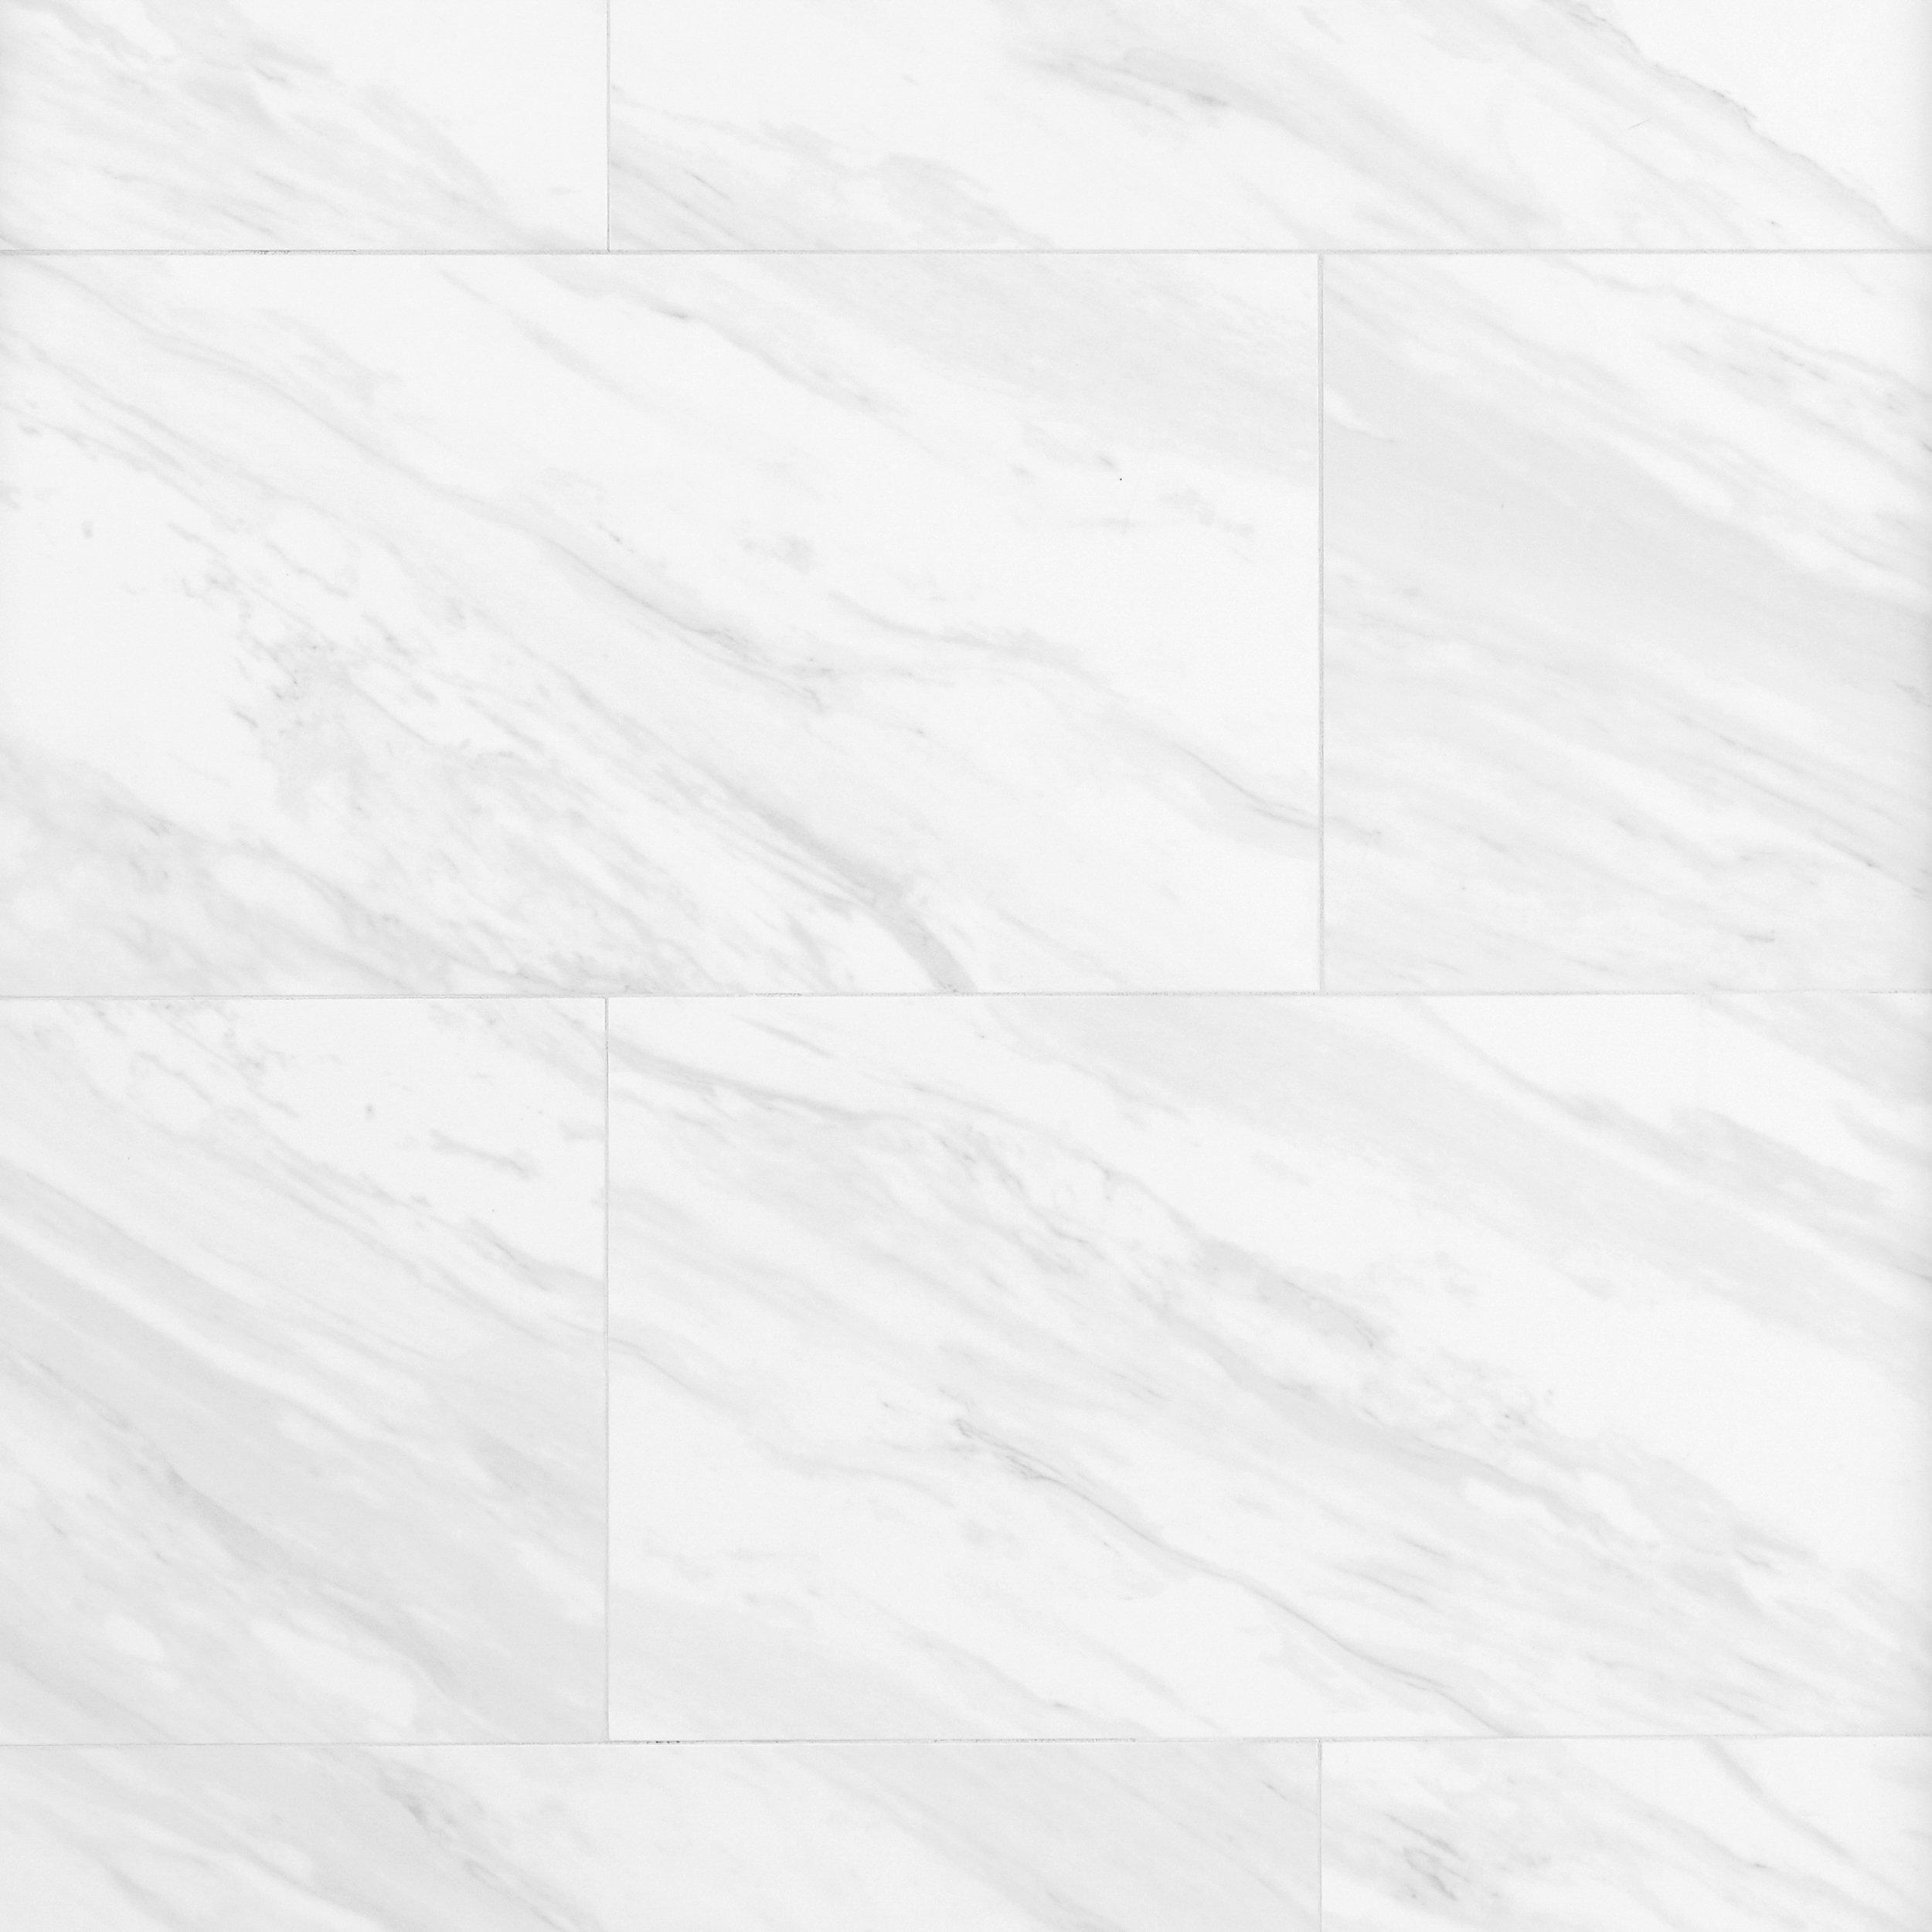 white porcelain tile floor. Volakas Plus Matte Porcelain Tile White Porcelain Tile Floor H